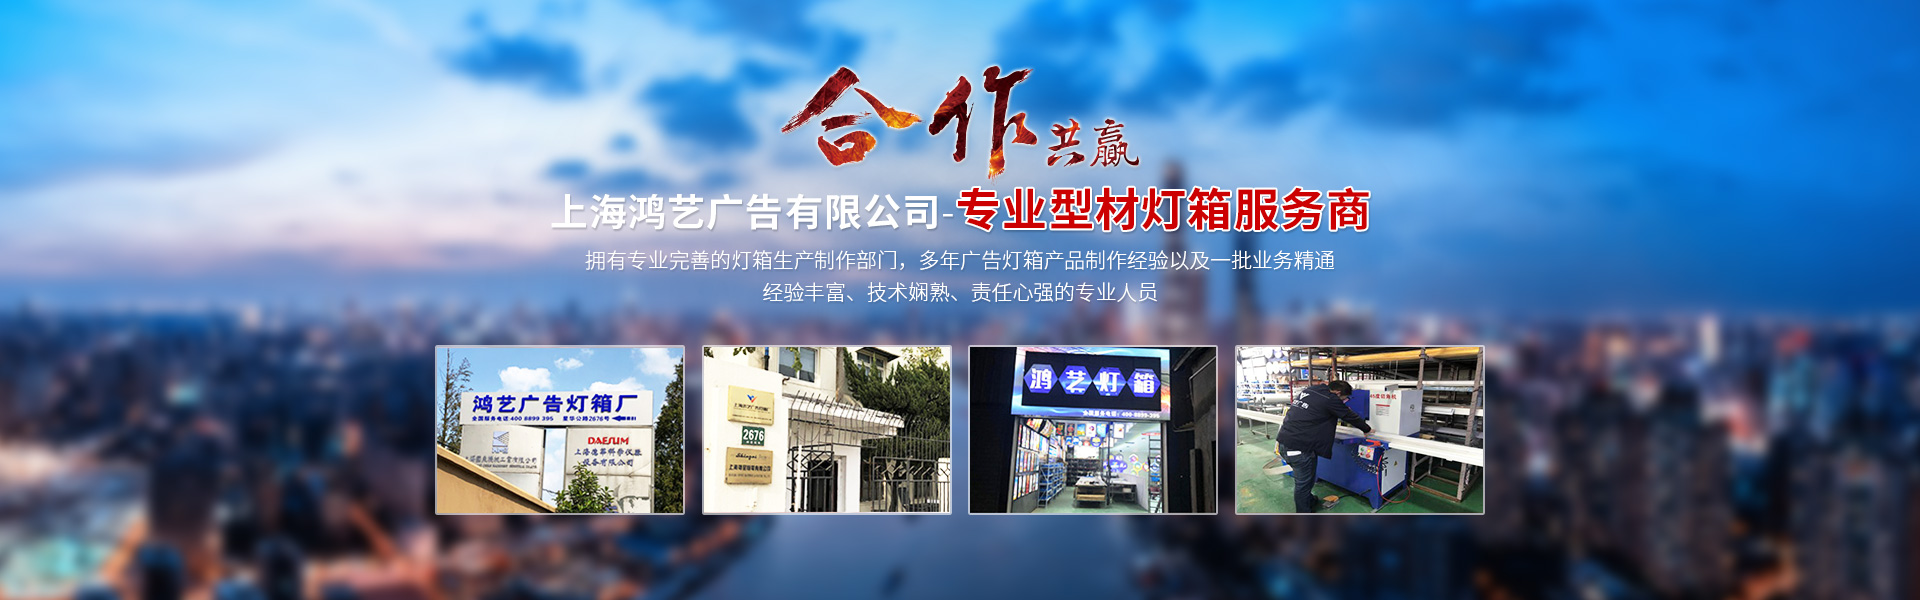 上海鸿艺广告有限公司